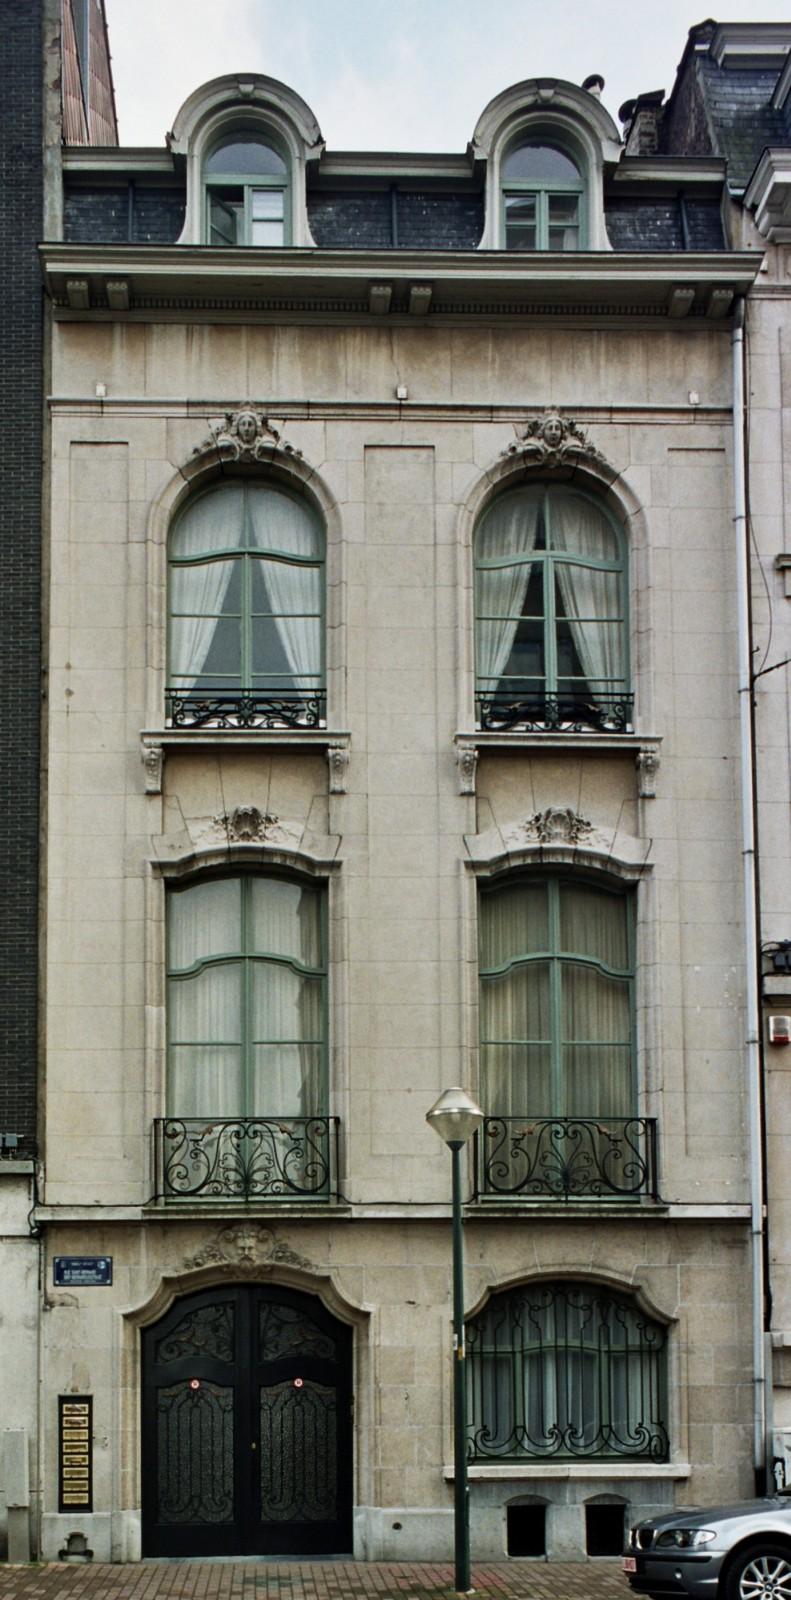 Rue Saint-Bernard 44., 2004